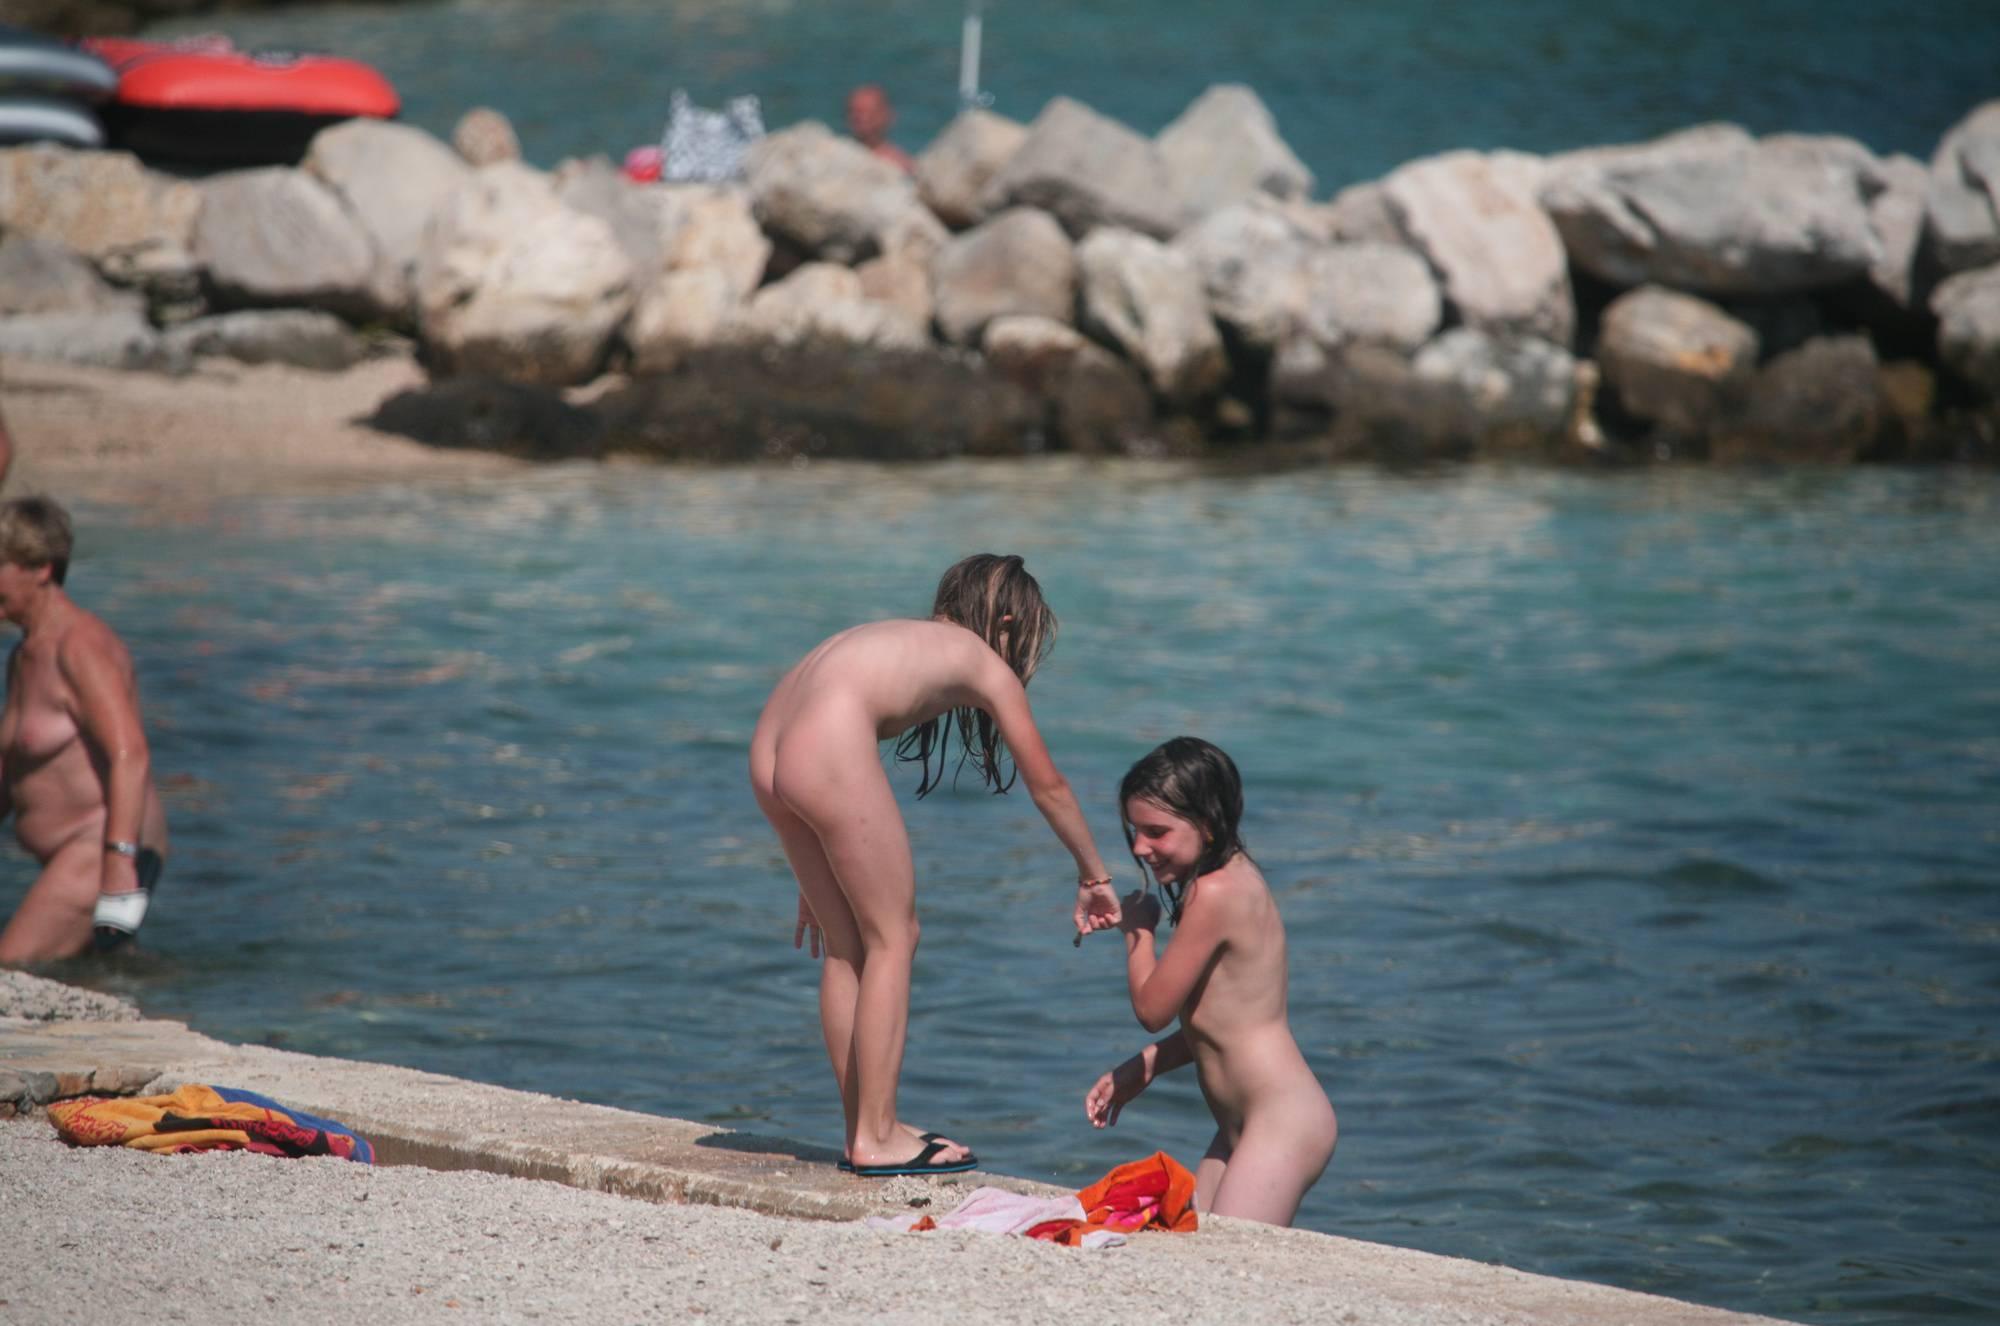 Nudist Gallery Nudist Duel Skinny Dipping - 2